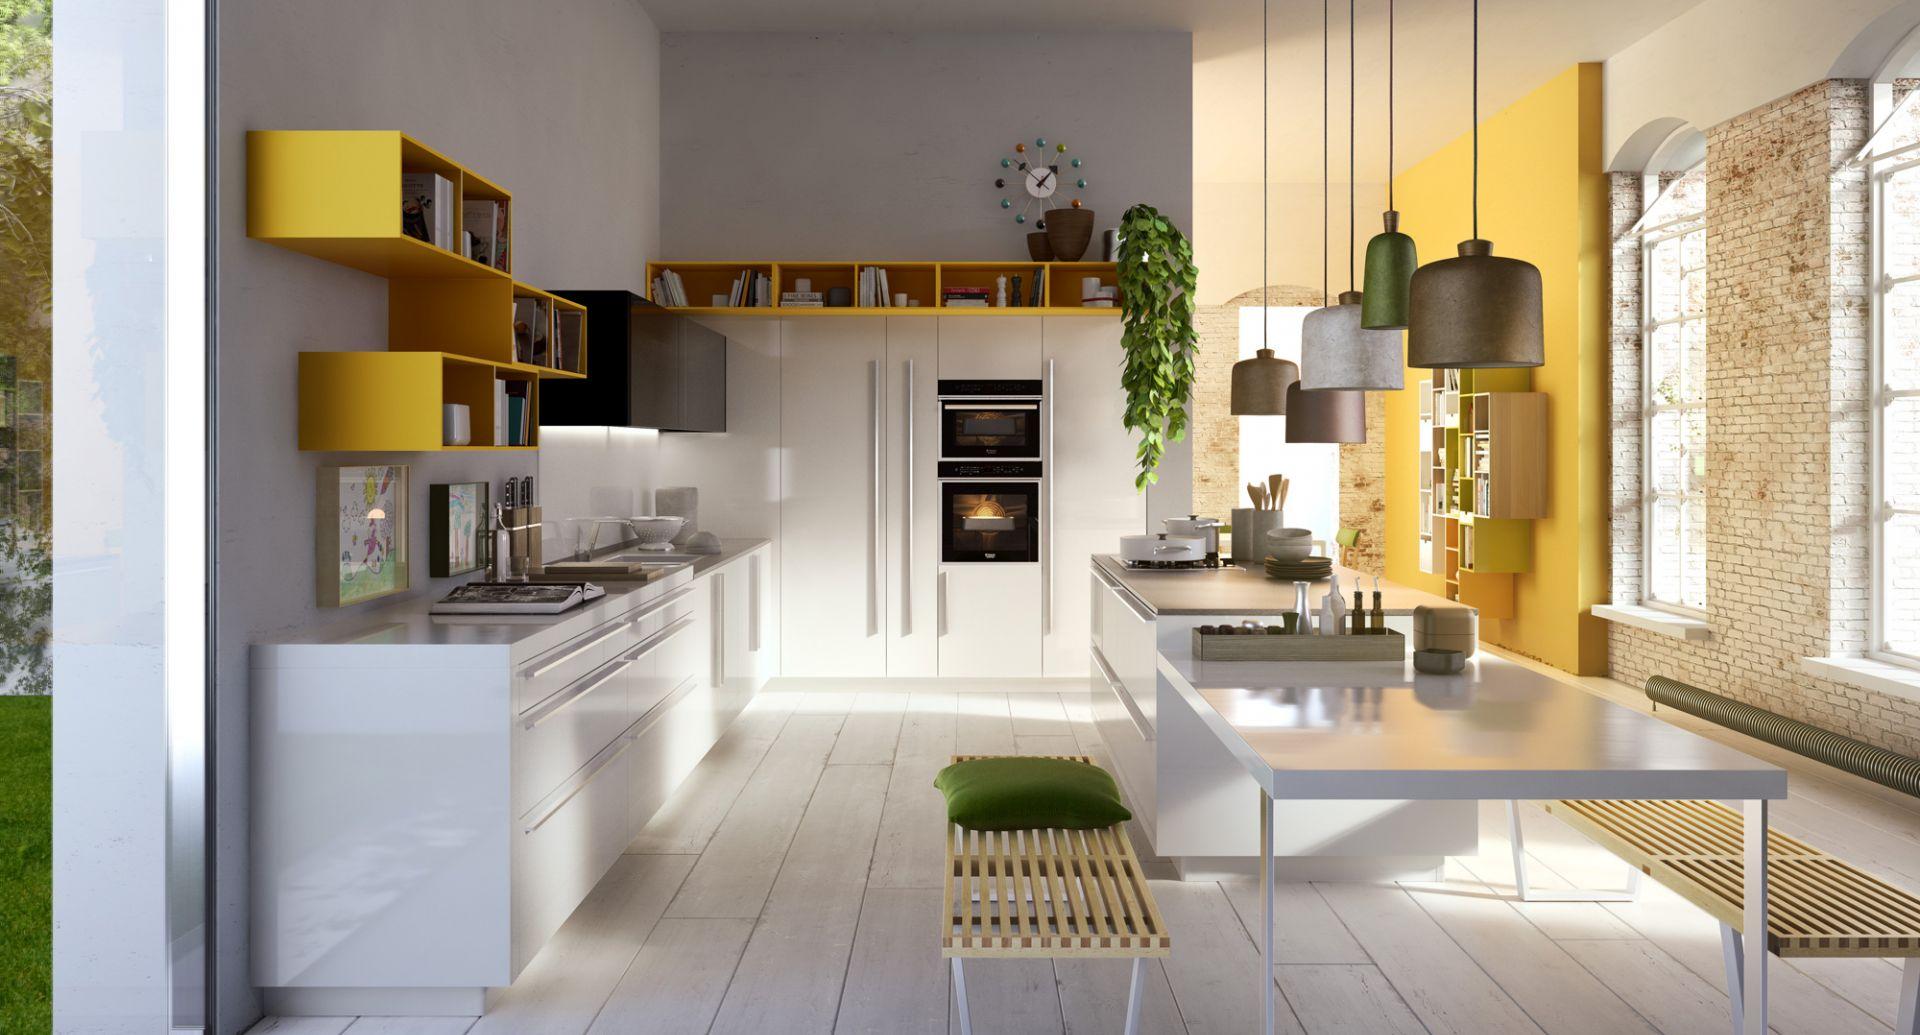 Σχεδιάστε την κουζίνα των ονείρων σας από την ασφάλεια του σπιτιού σας Η Gruppo Cucine είναι η πρώτη εταιρεία στην Ελλάδα που σας προσφέρει την μοναδική υπηρεσία του online design, για να σχεδιάσετε την κουζίνα των ονείρων σας από την άνεση του σπιτιού σας.